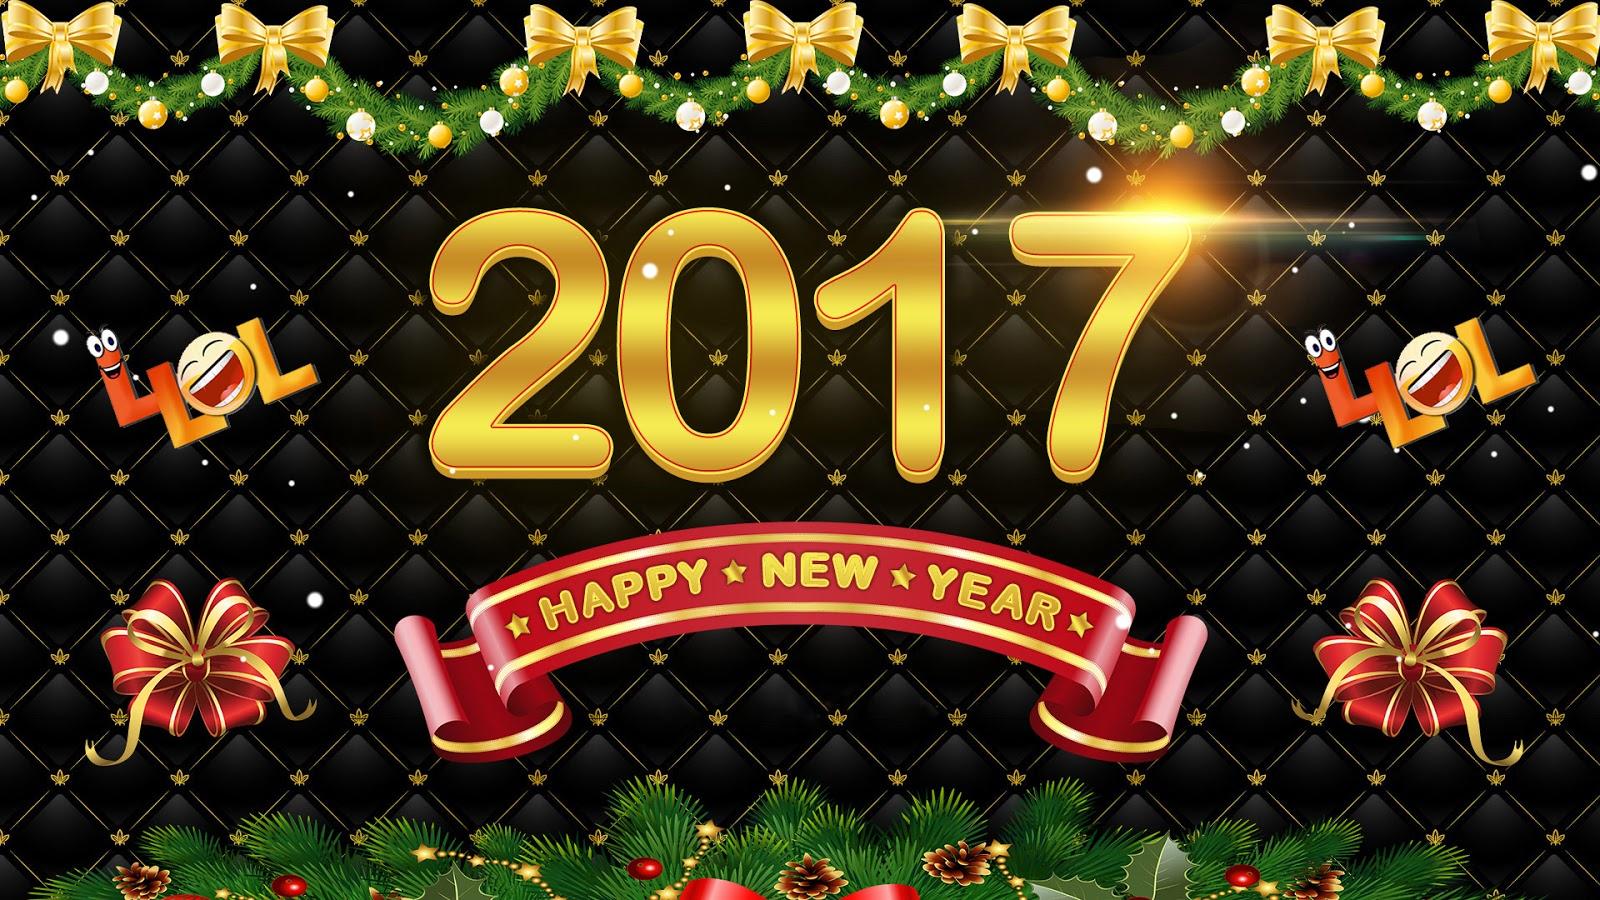 Hình nền tết 2017 đẹp chào đón năm mới - hình 15